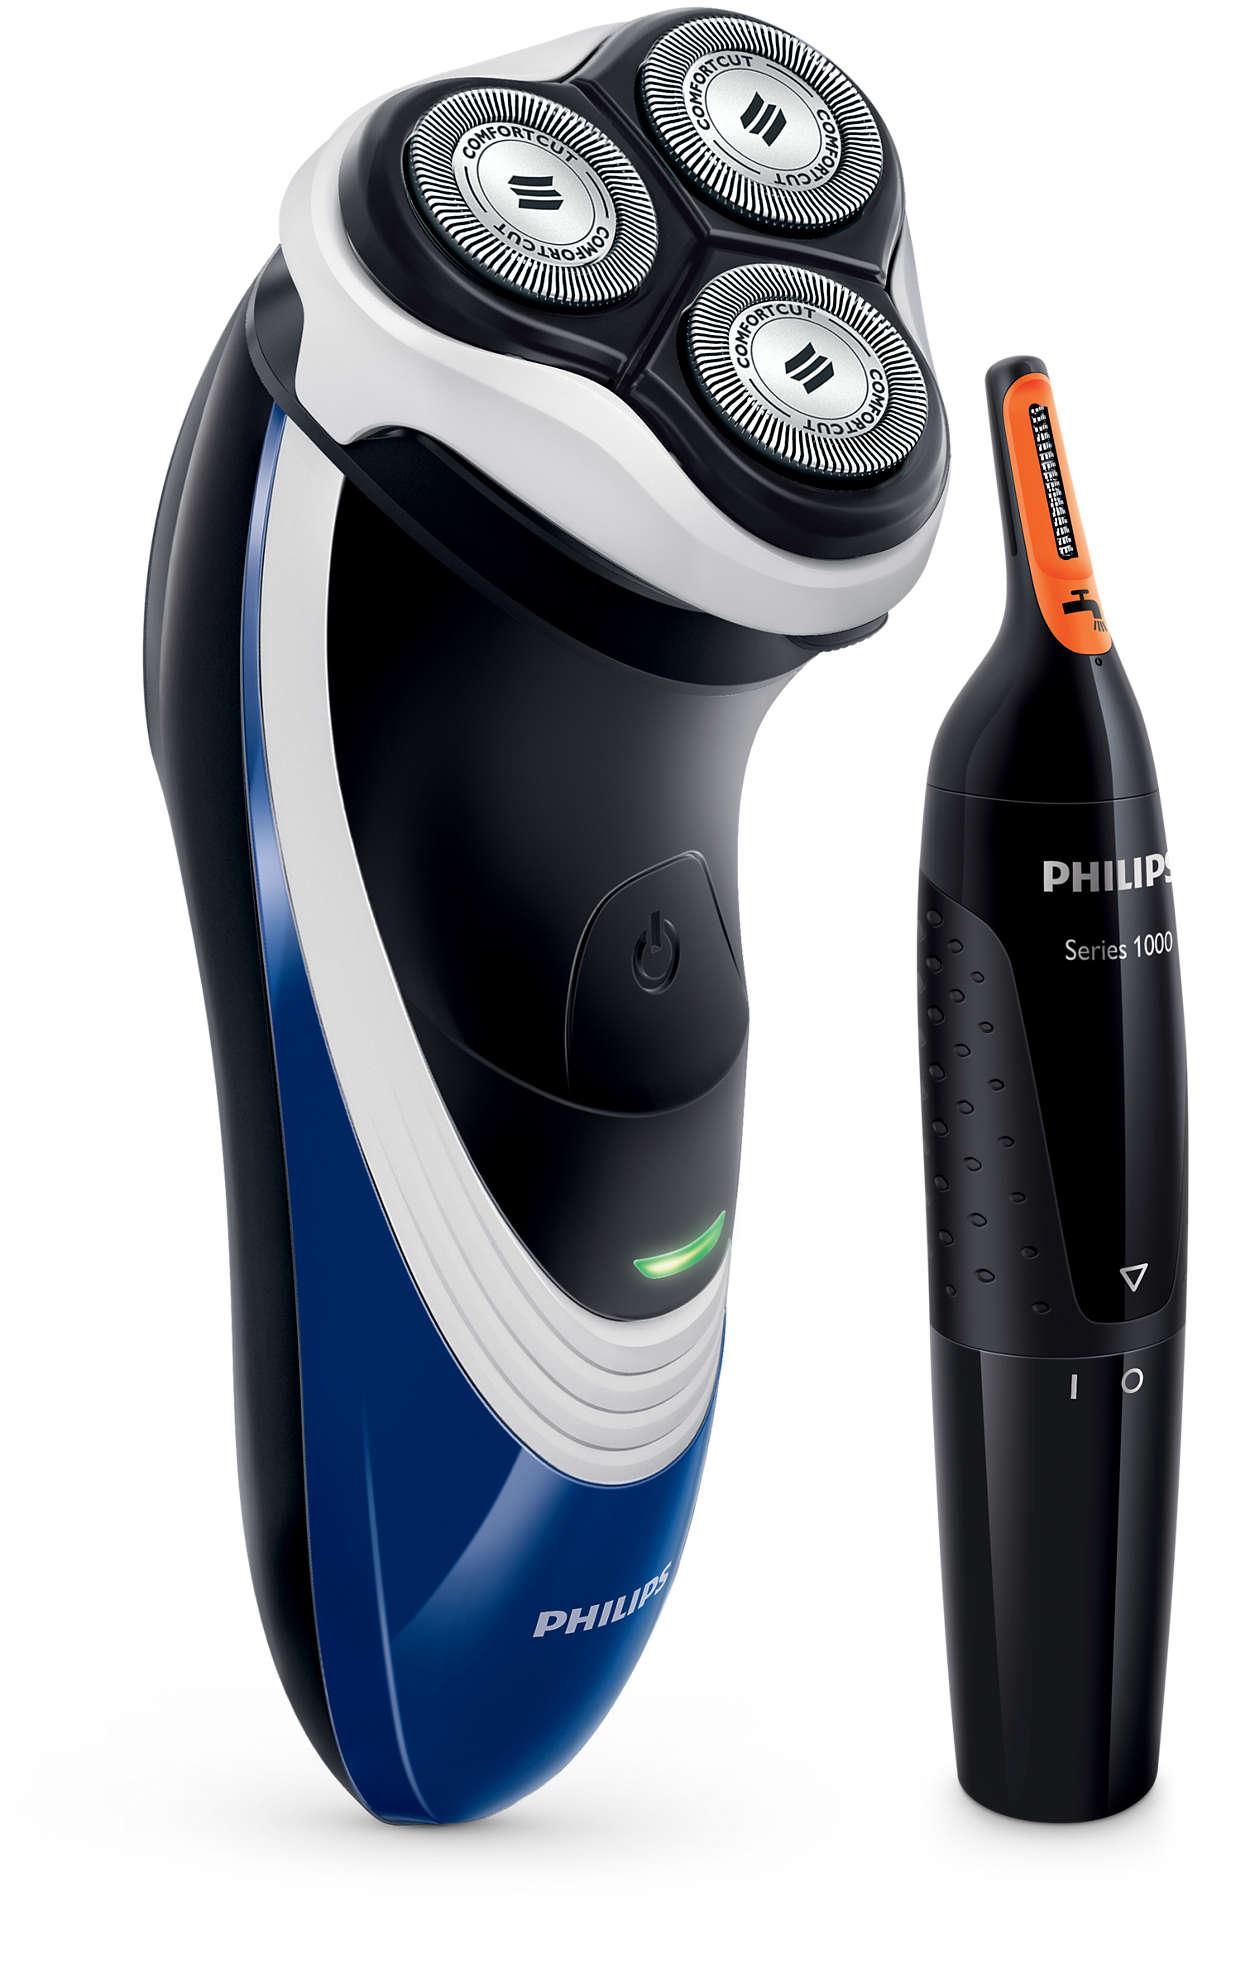 Utilisation 2en1: rasage rapide et tondeuse efficace